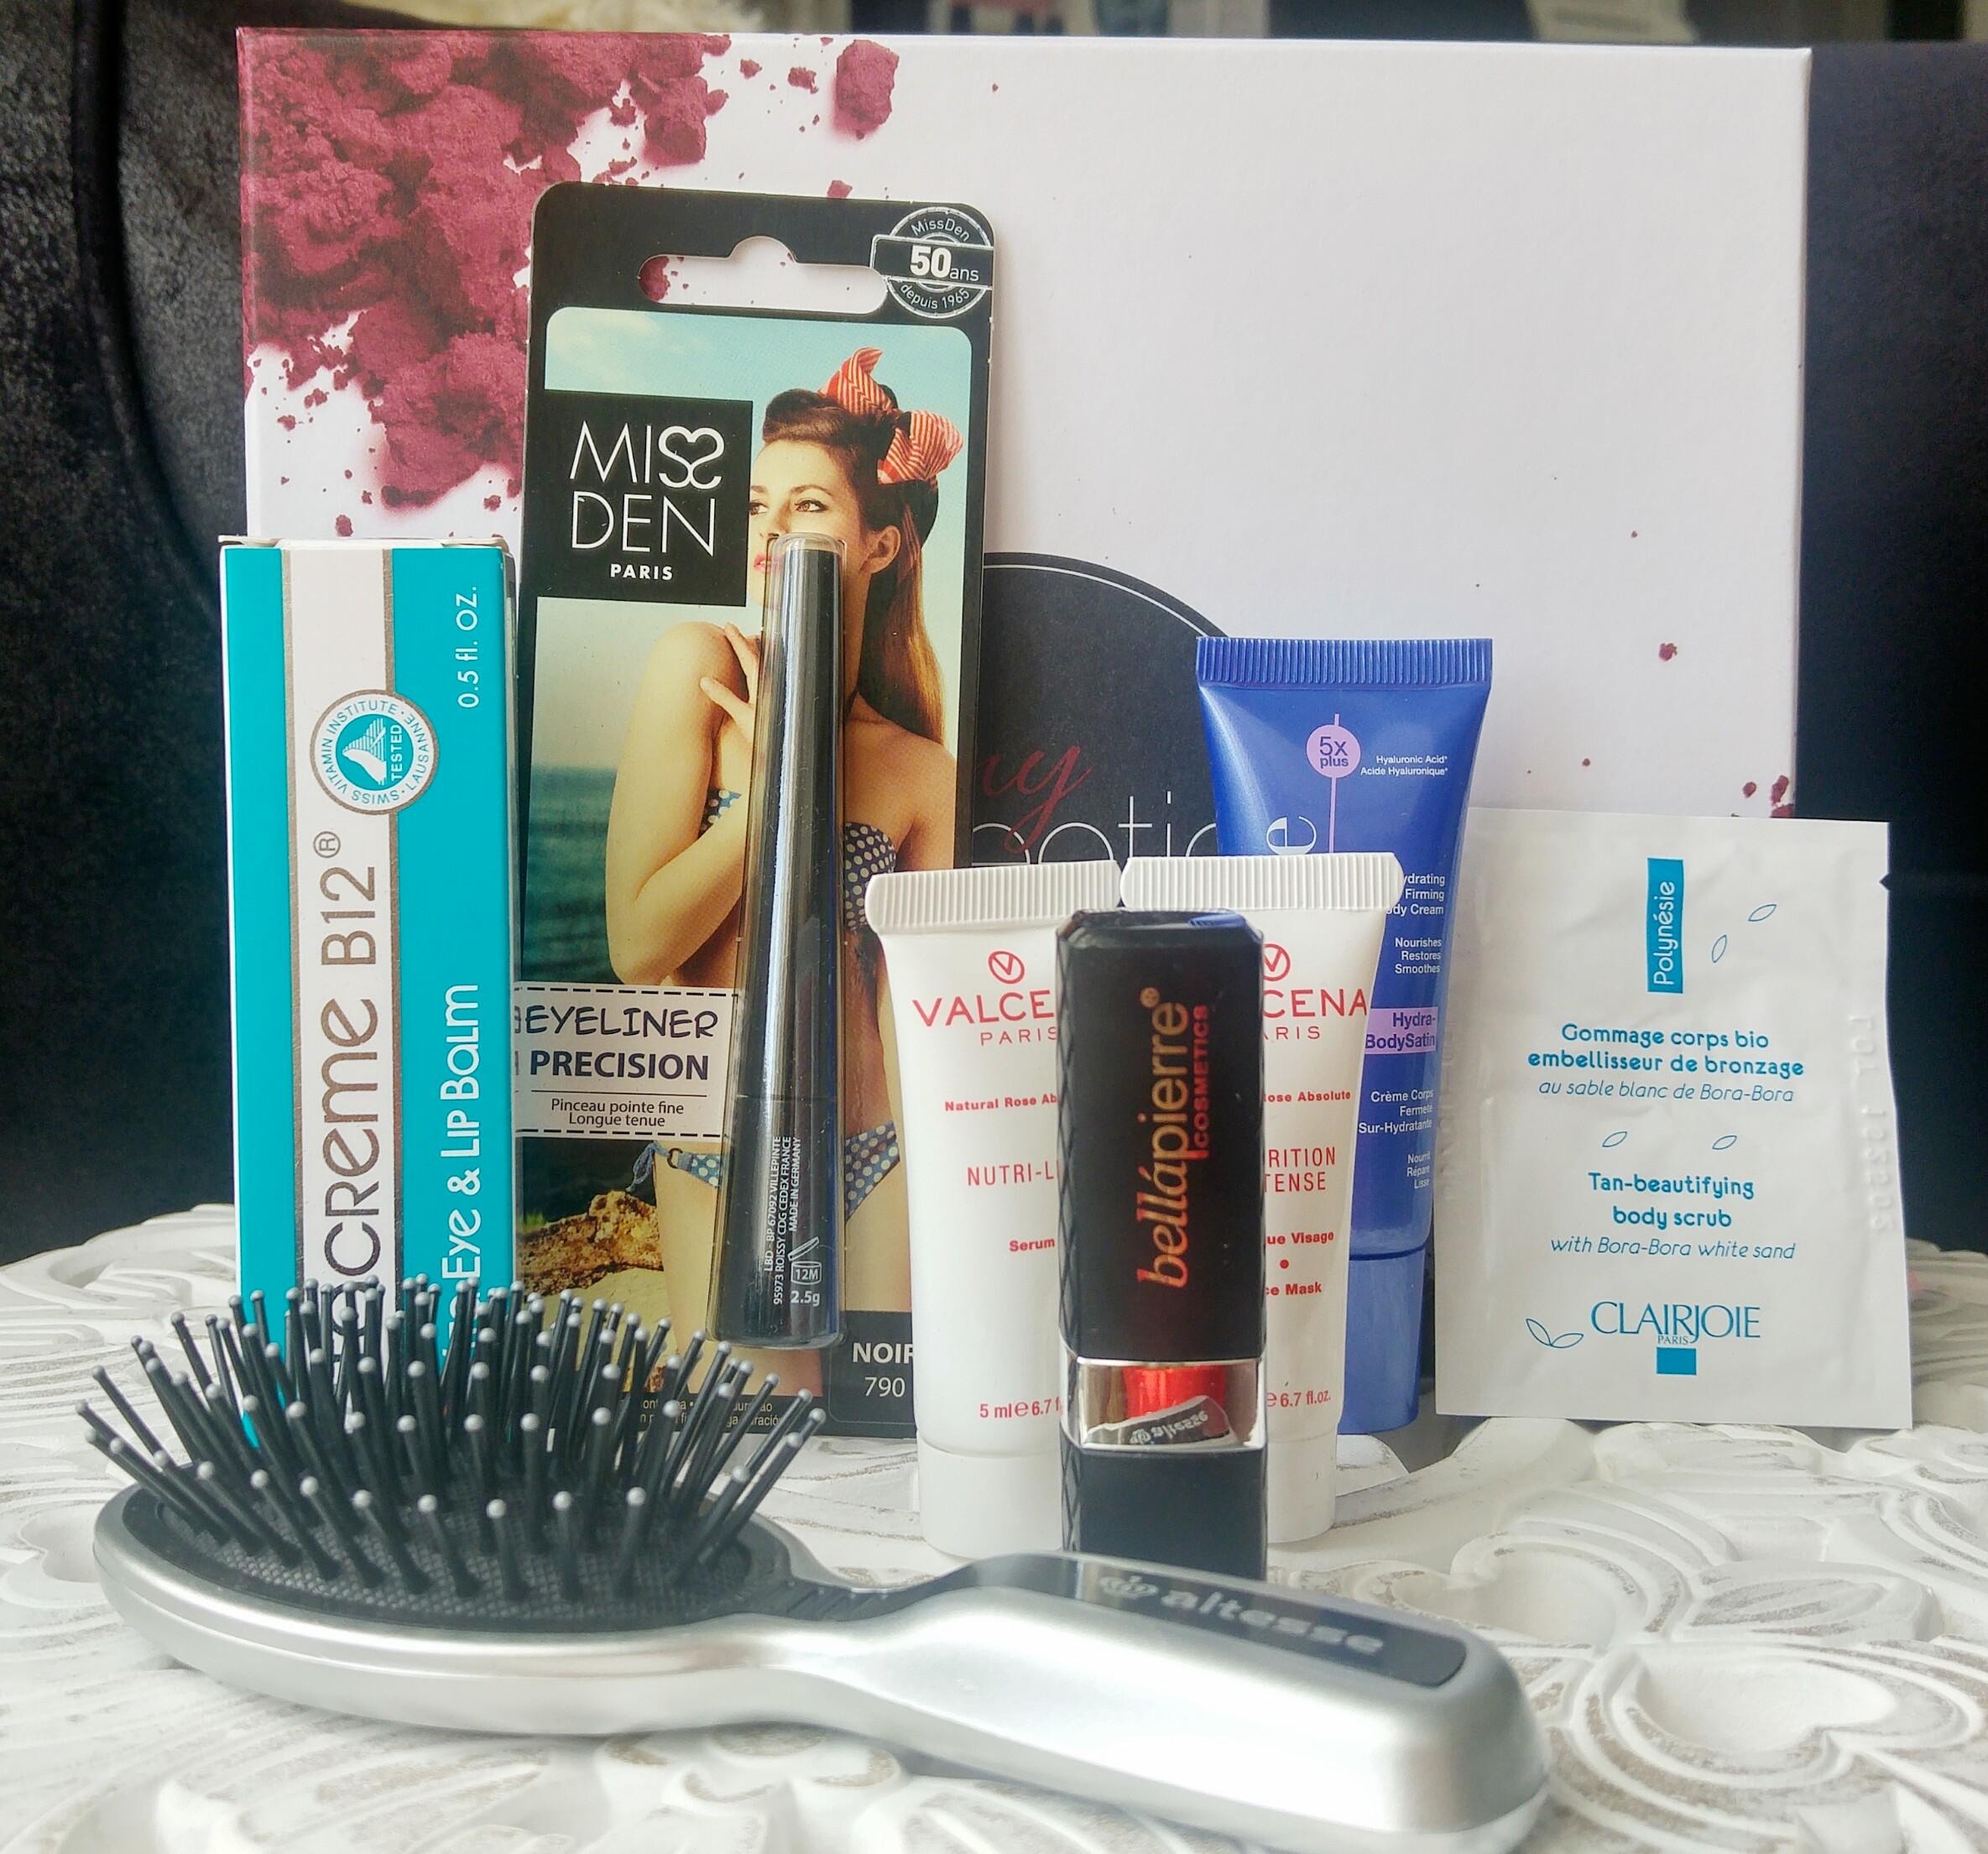 my sweetie box, box beauté, maquillage pas cher, soin pas cher, découvertes, haul, unboxing, blog beauté, blogueuse beauté